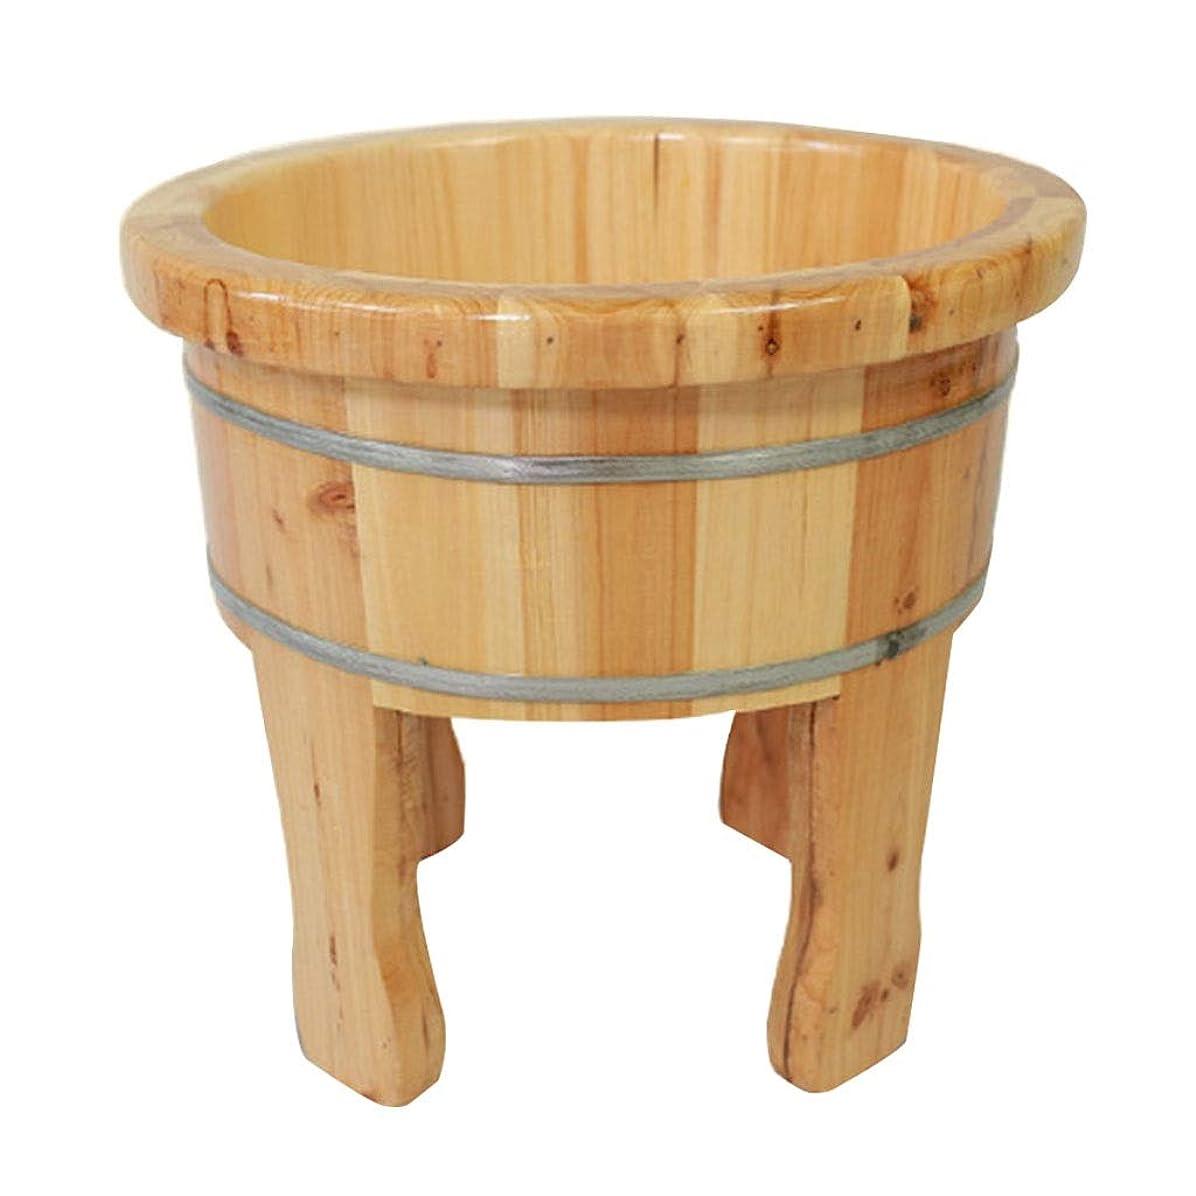 エイリアン誕生日署名マッサージクッション フットバスバレル、甲高い木製の樽、浴槽お座りバース、ホームホテルフットお風呂足モミ (Color : Wood color, Size : 44*38cm)